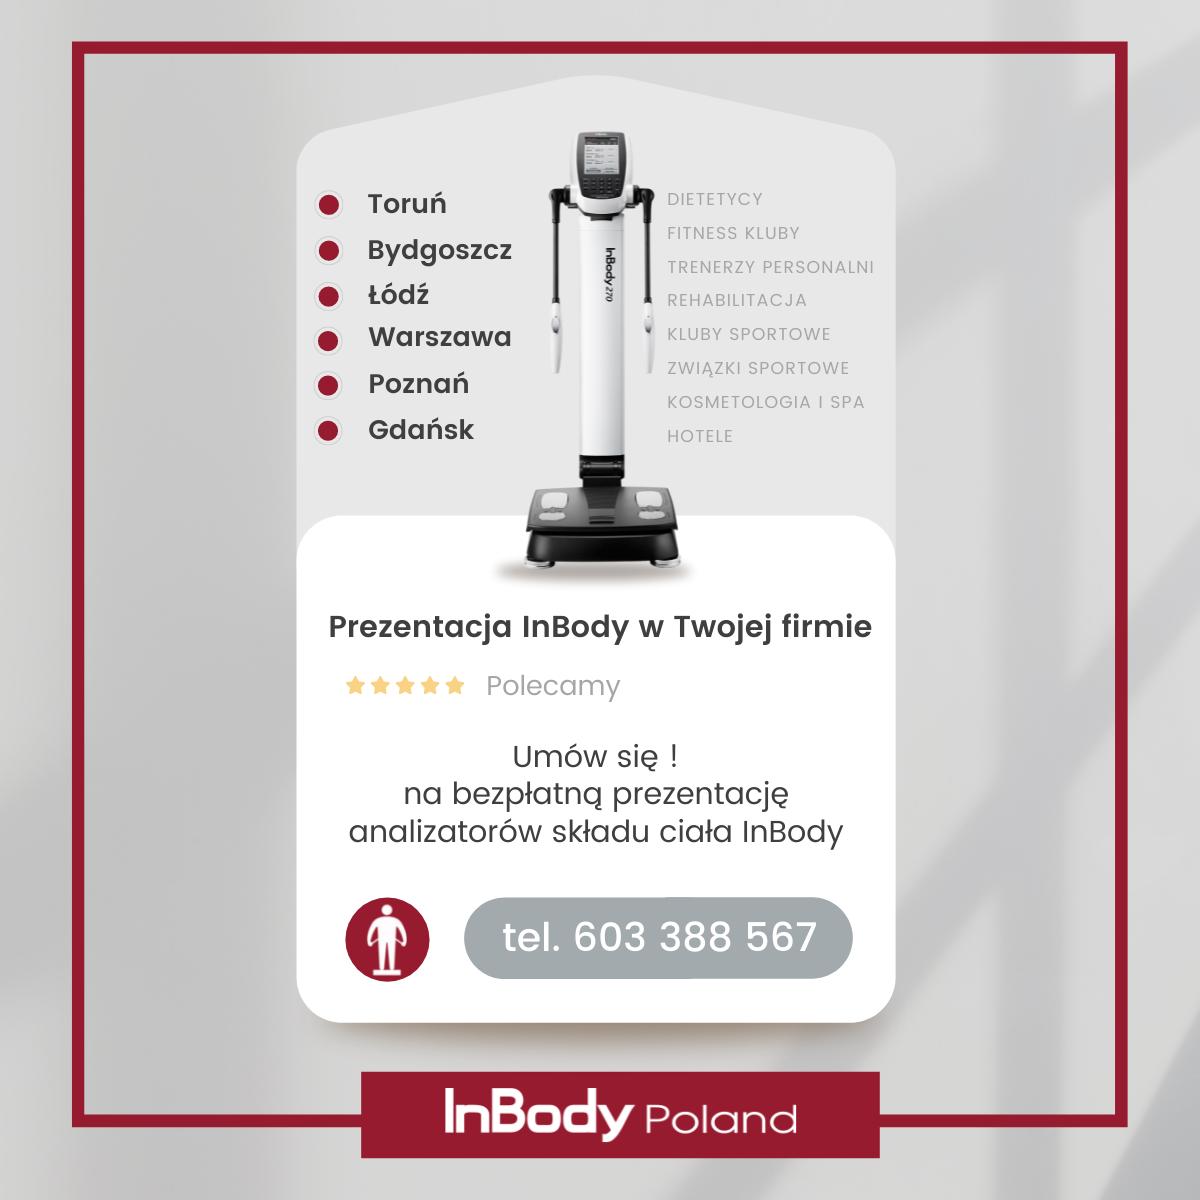 Umów się na bezpłatną prezentację analizatora składu ciała InBody w Twojej firmie.